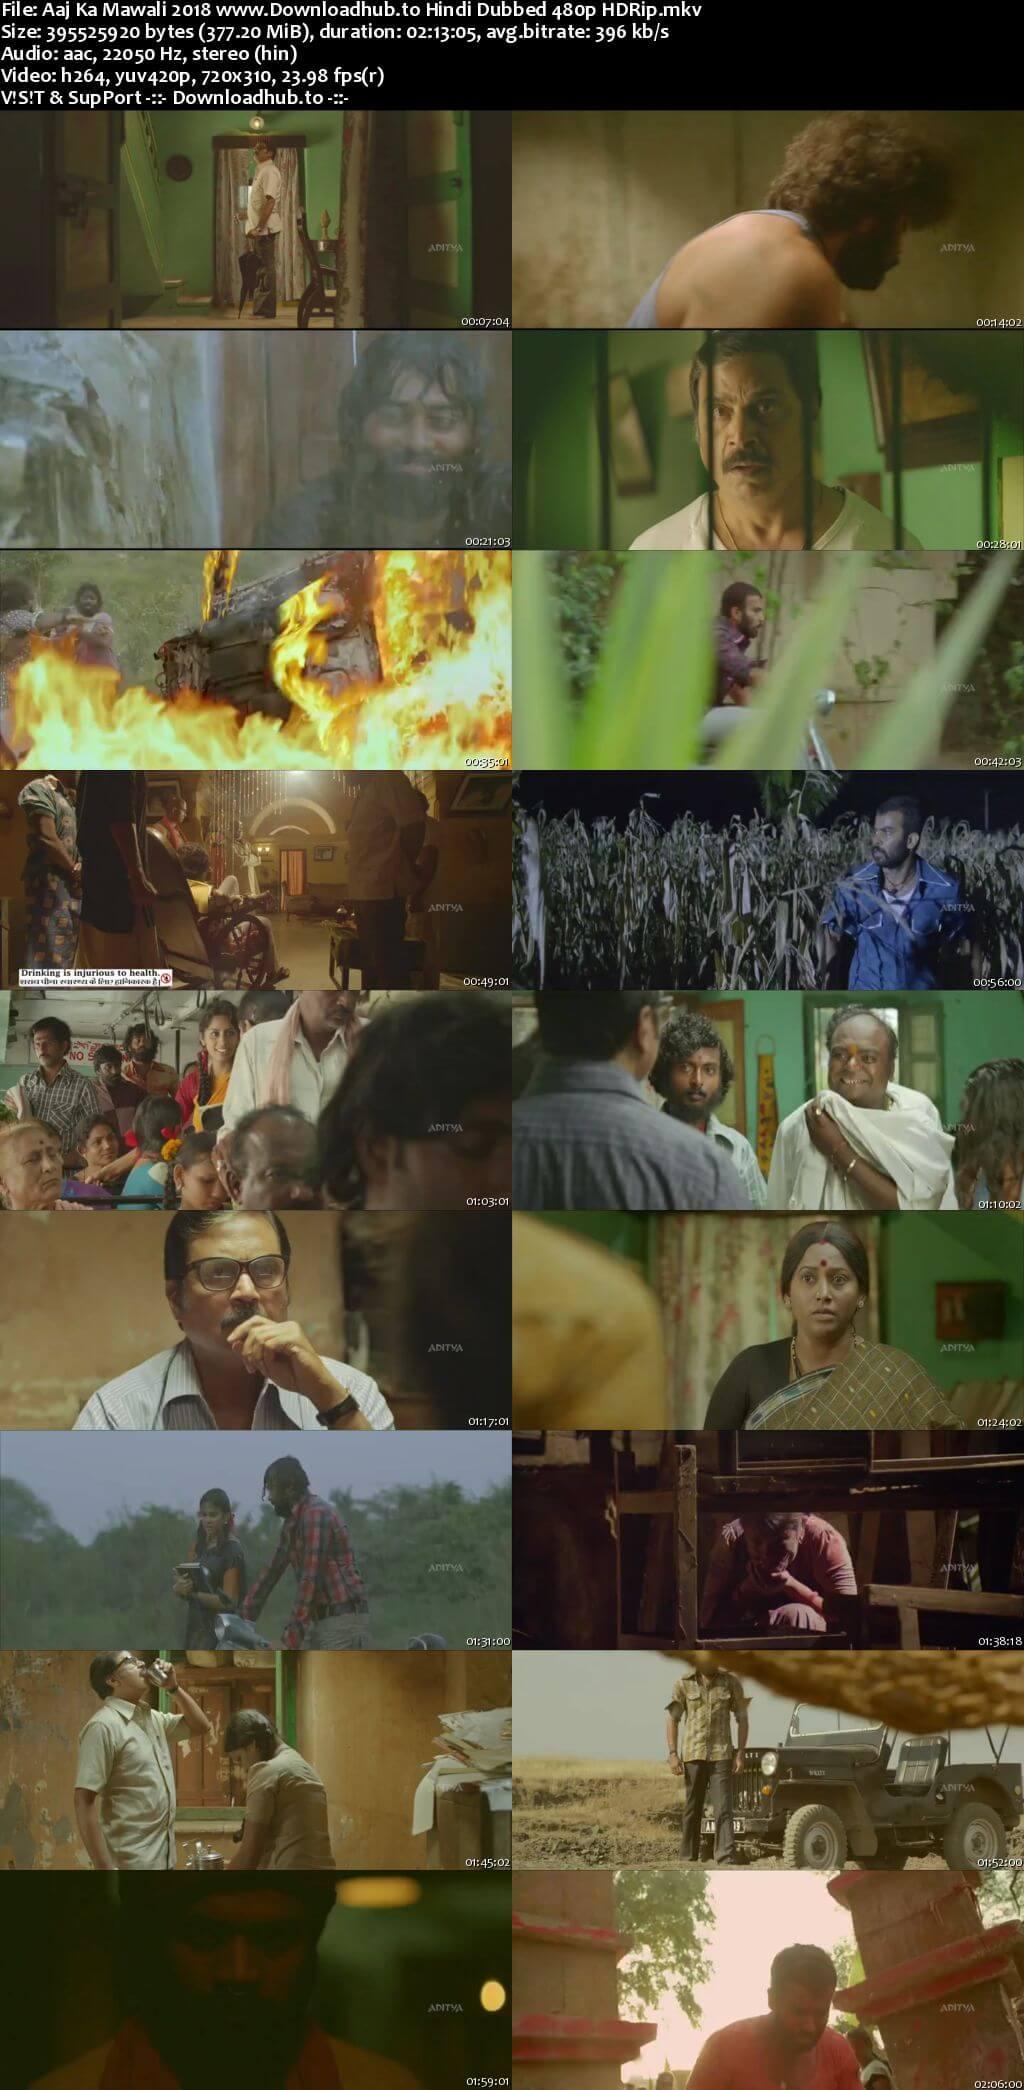 Aaj Ka Mawali 2018 Hindi Dubbed 350MB HDRip 480p